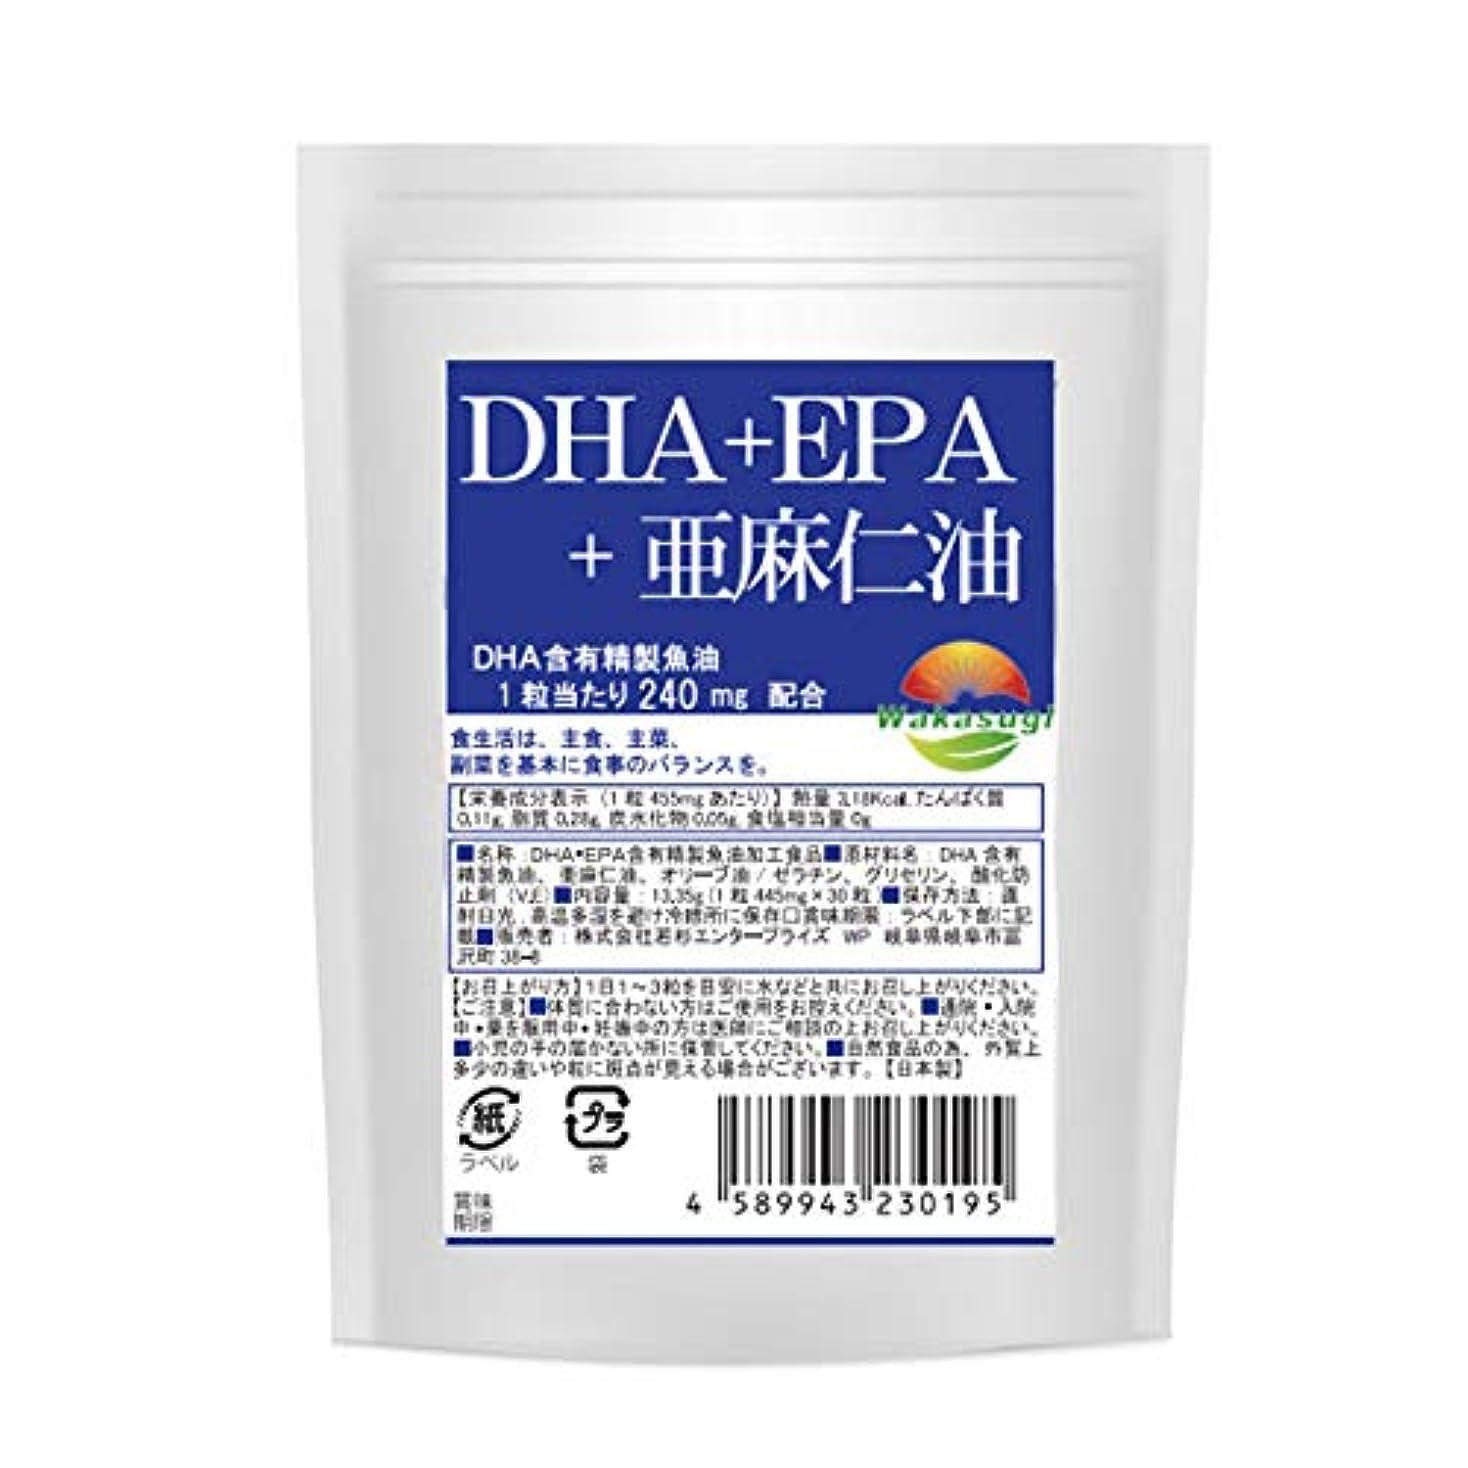 常識不良の頭の上【BigSize】DHA+EPA+亜麻仁油 生カプセル 大容量180粒